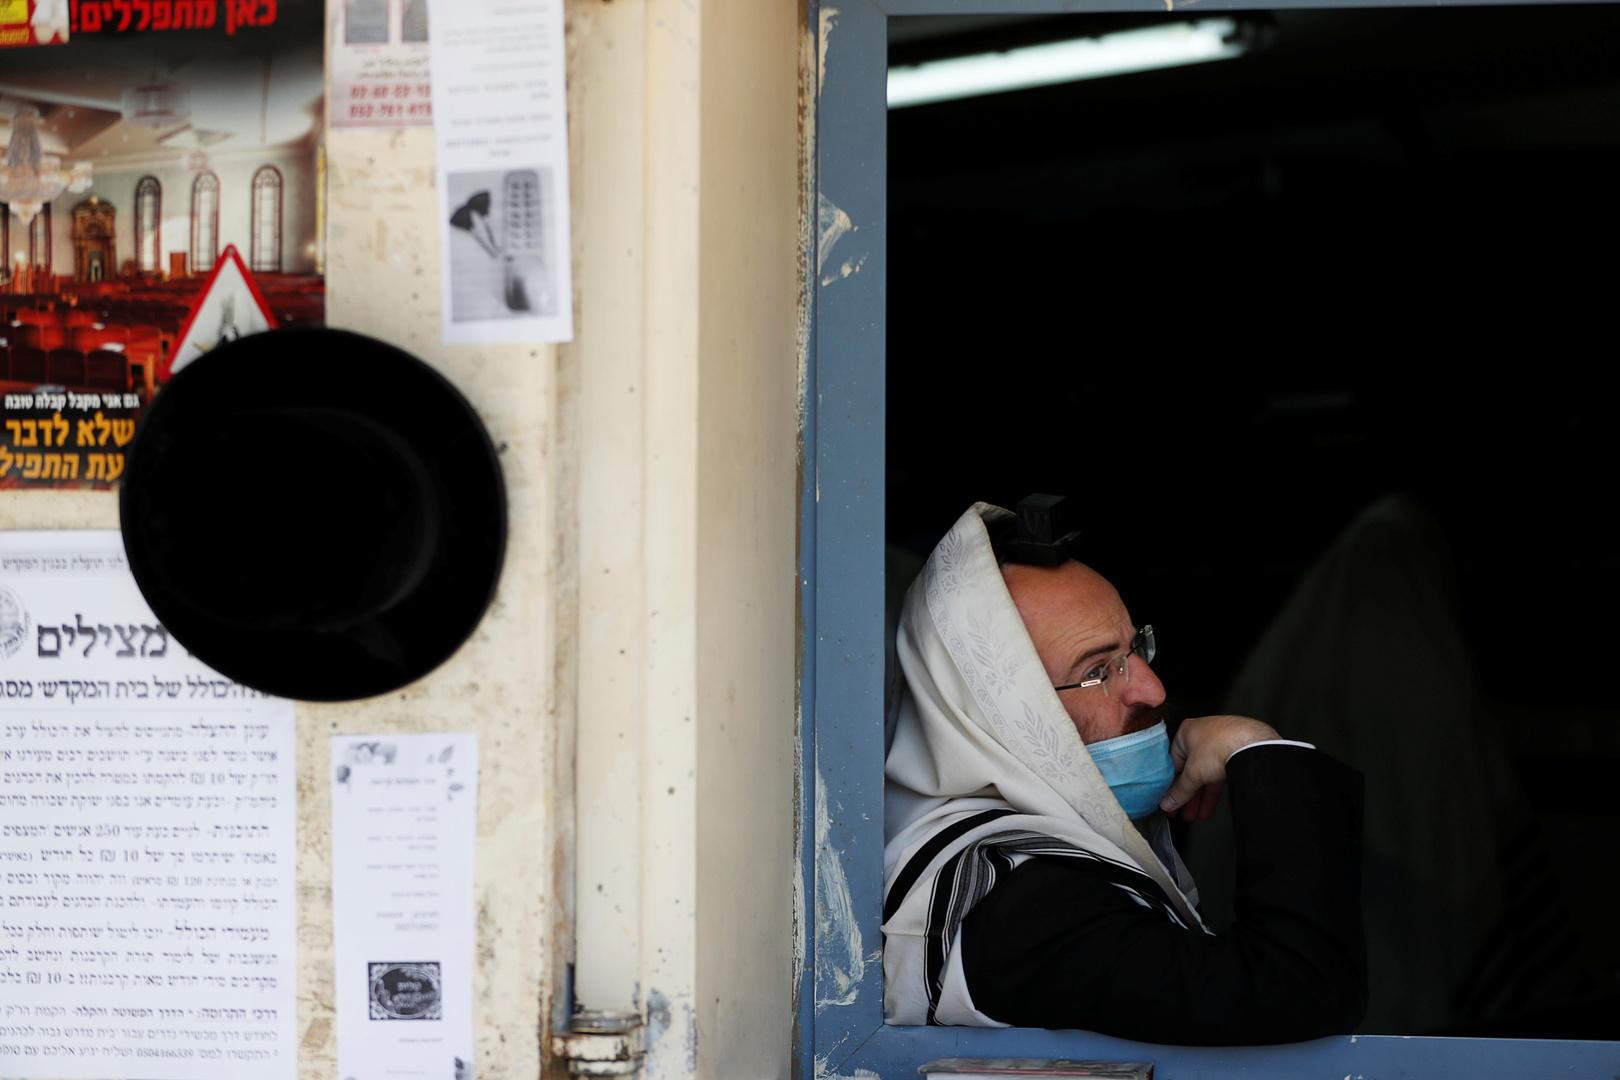 بالفيديو.. حاخام إسرائيلي بارز مصاب بكورونا يفقد وعيه في فعالية شعبية